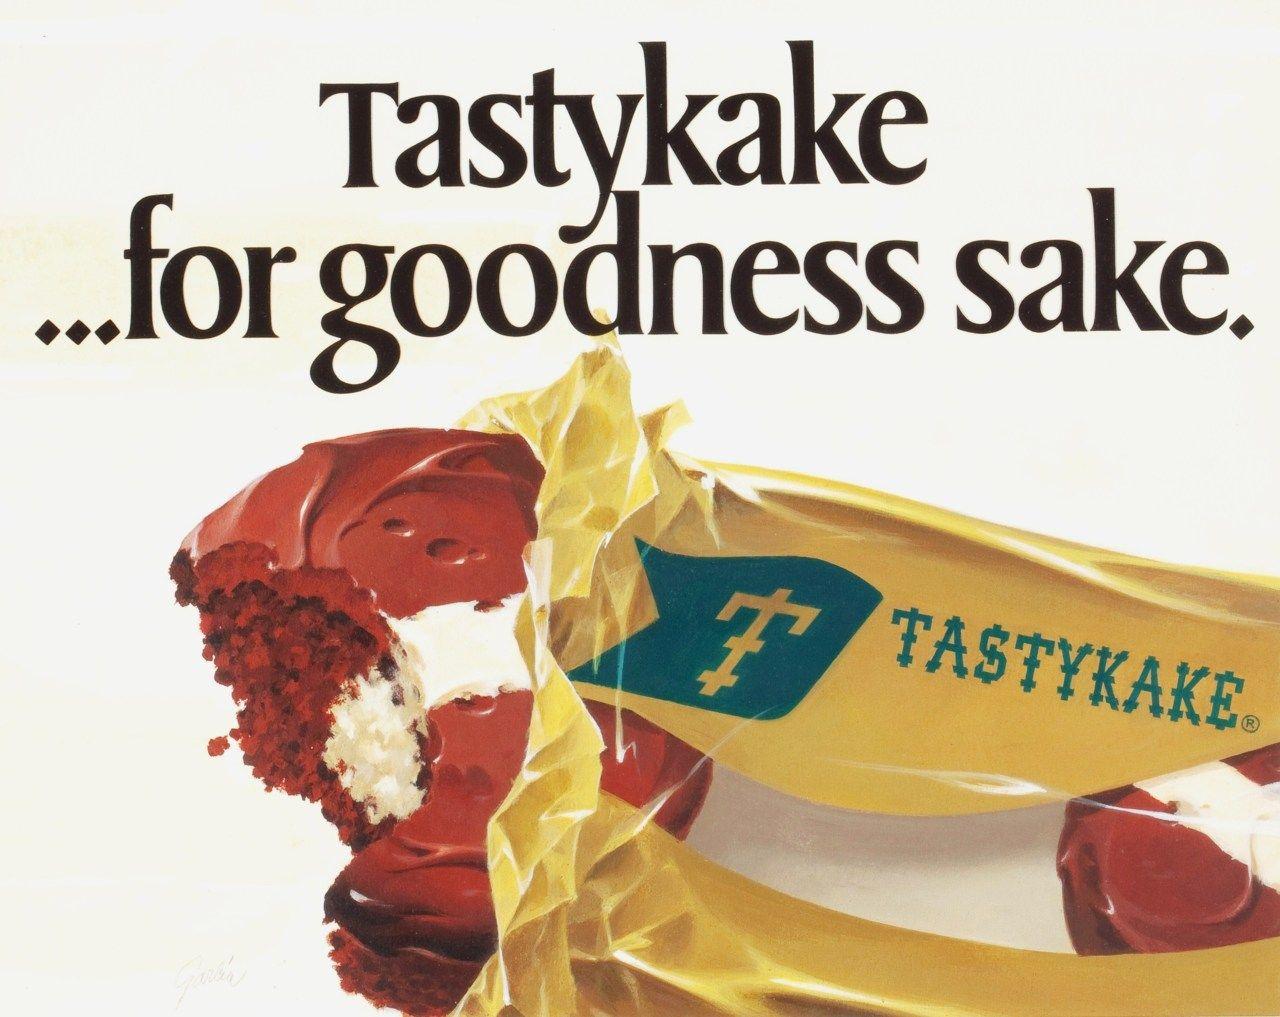 Classic Tastykake ad!